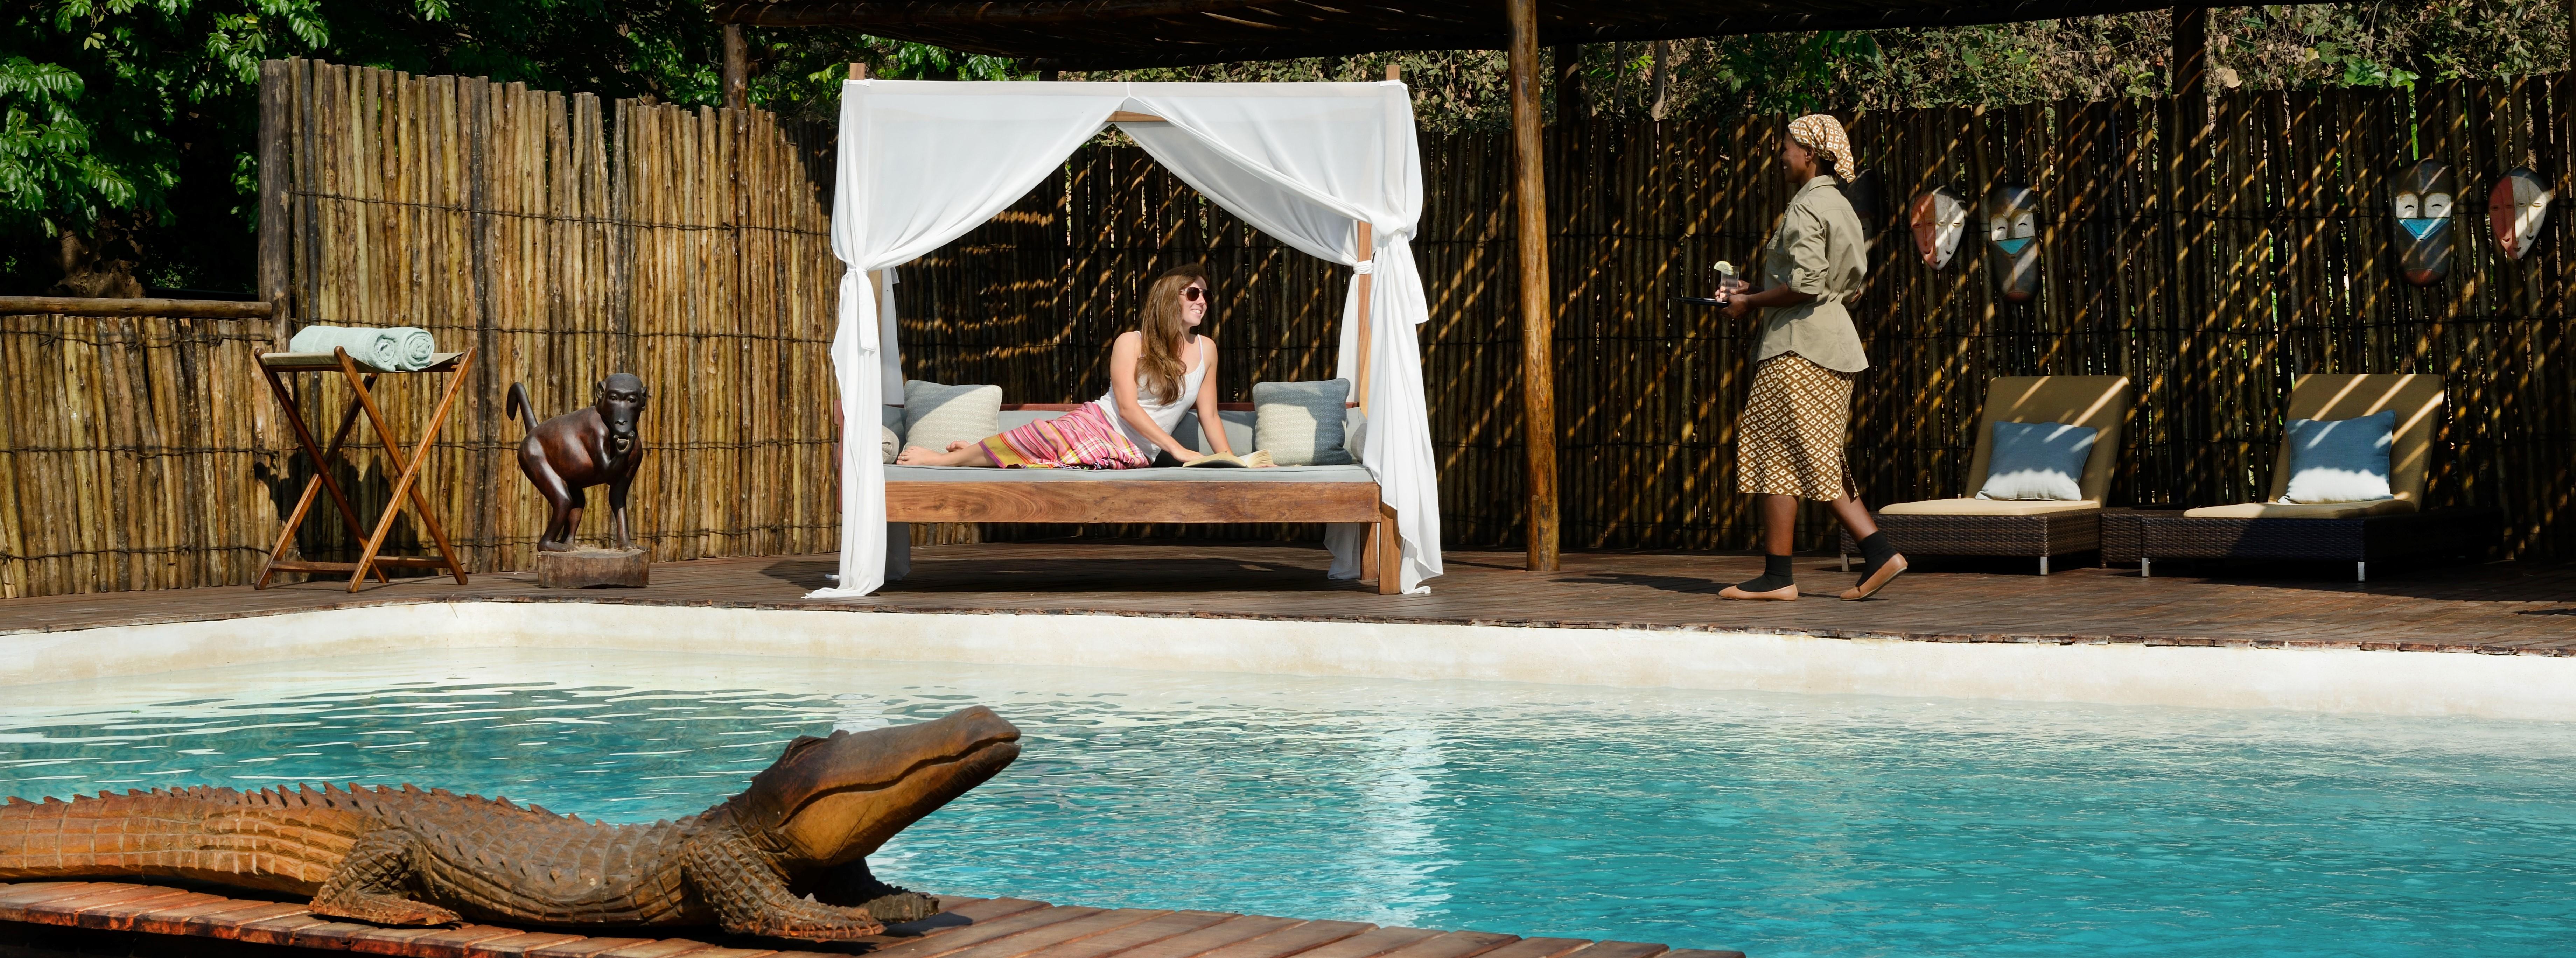 chiawa-camp-zambia-swimming-pool